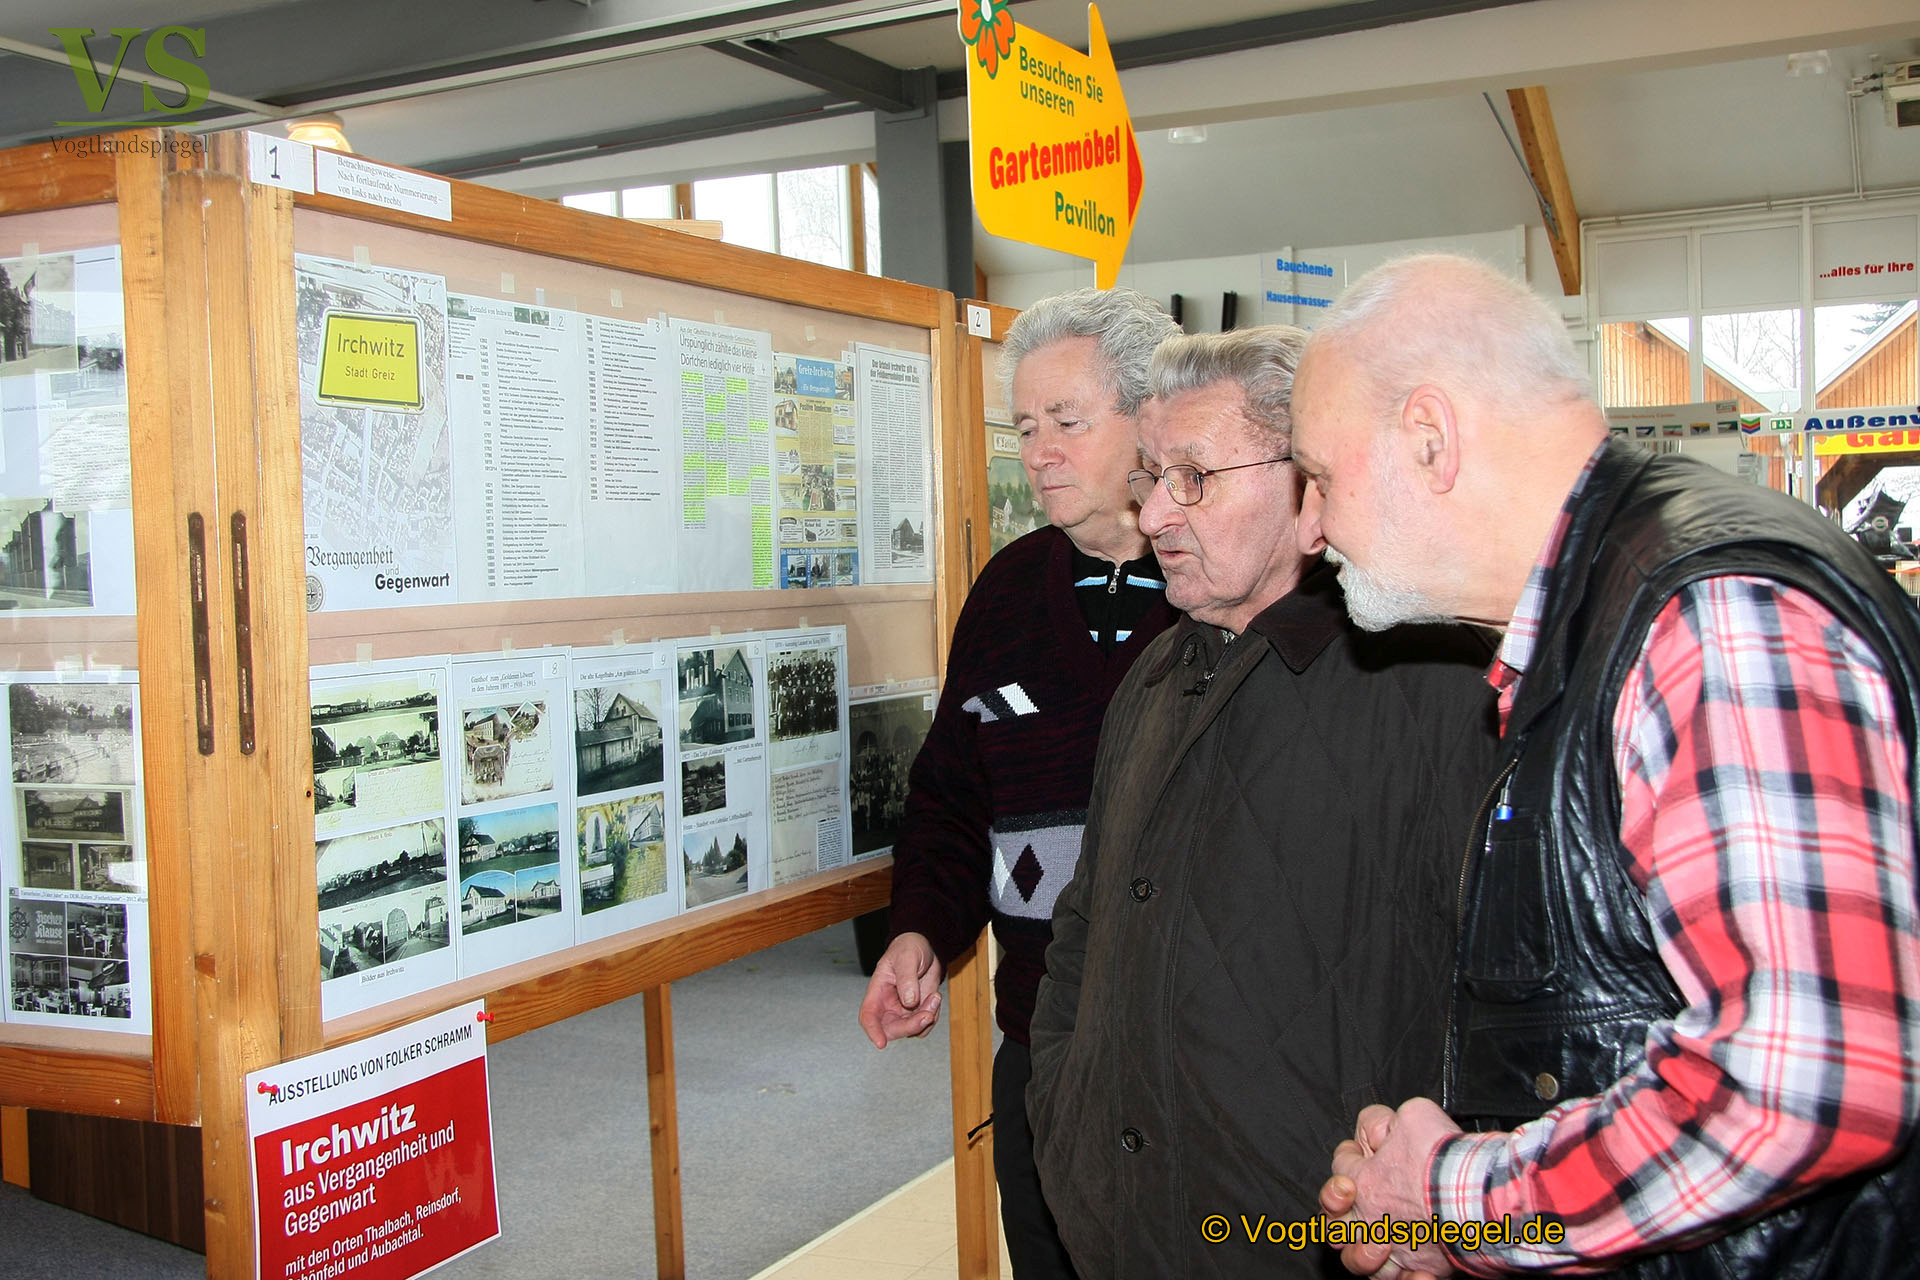 Ausstellung Von Folker Schramm Im Gebäude Der Baustoffe Gebr